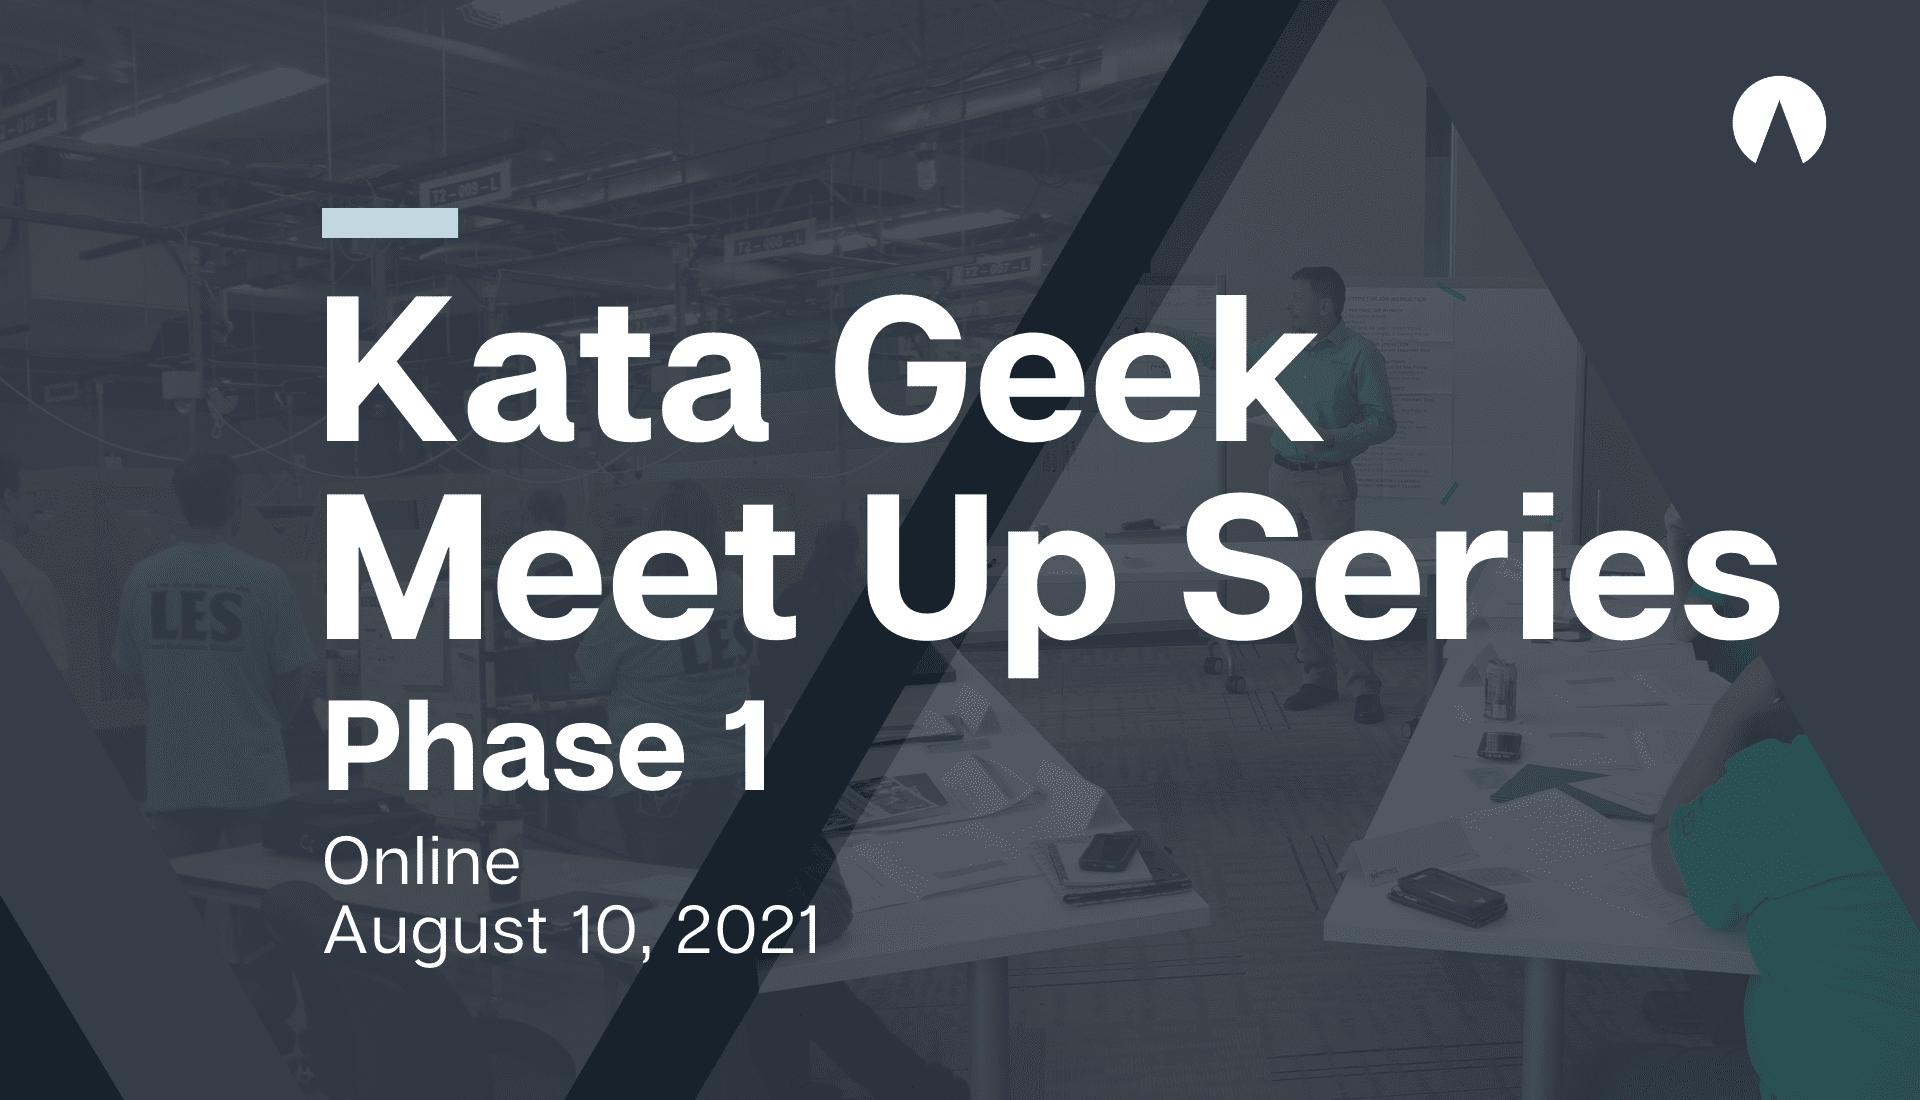 Kata Geek Meet Up Series: Phase 1